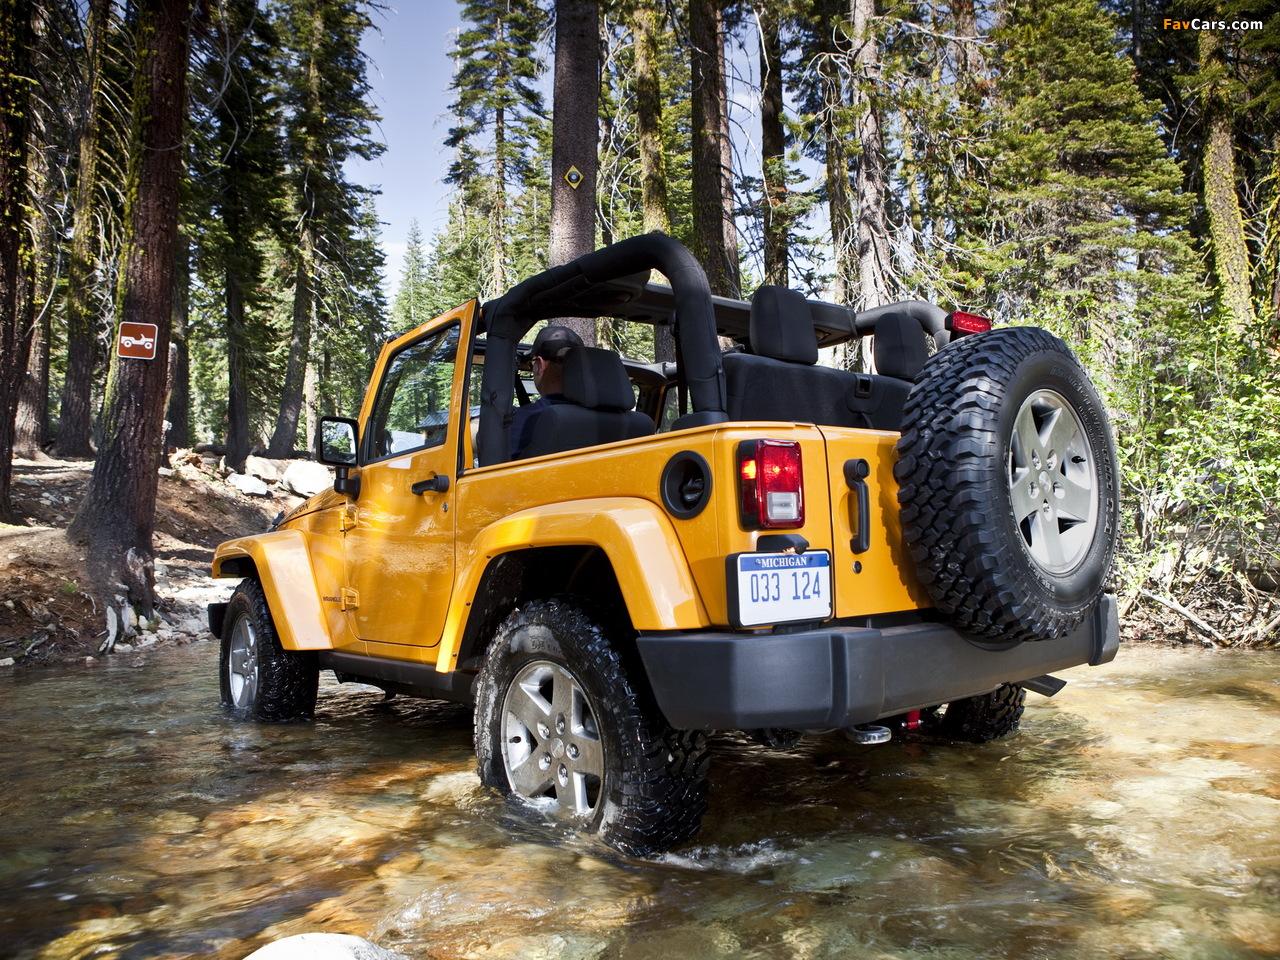 Jeep Wrangler Rubicon (JK) 2010 photos (1280 x 960)